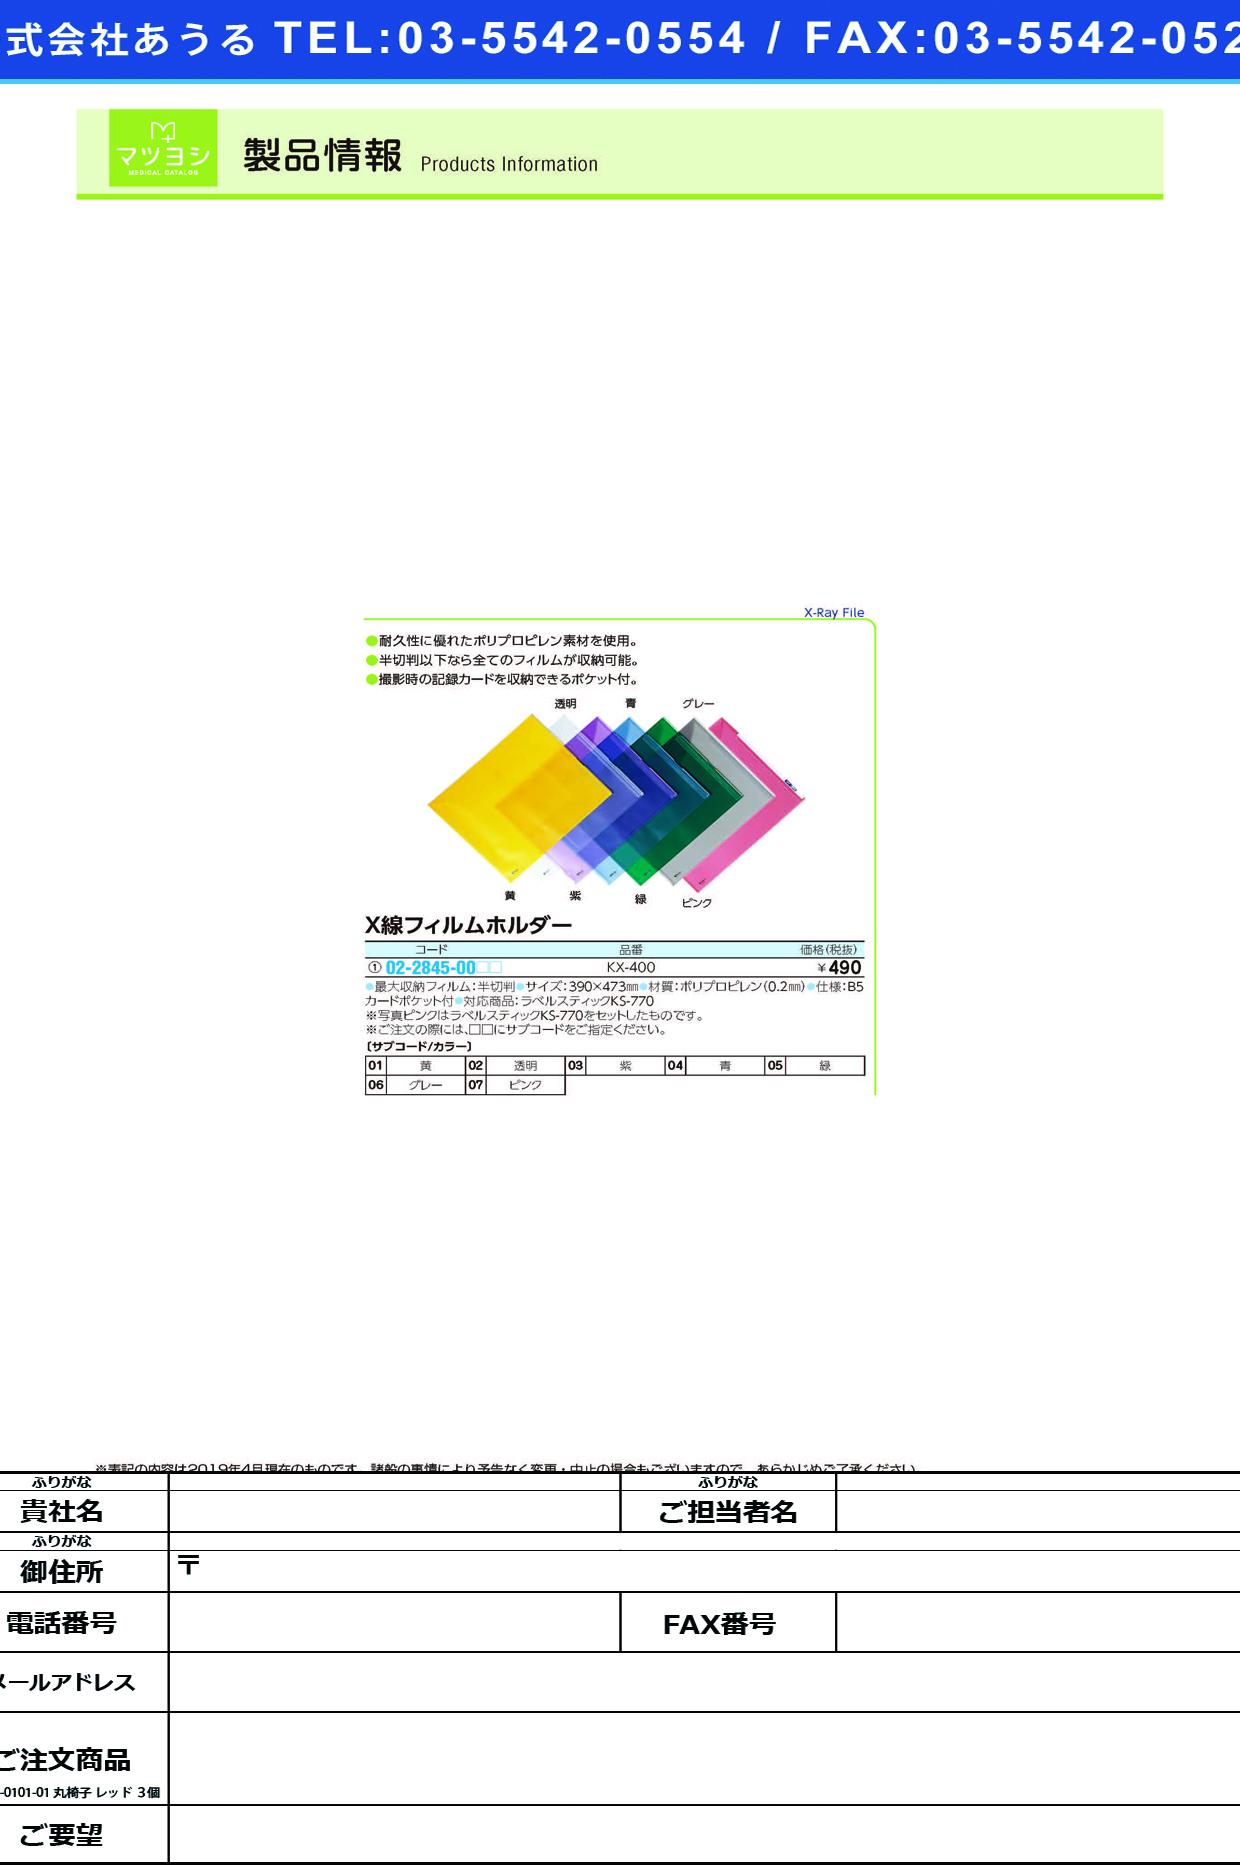 (02-2845-00)X線フィルムホルダー KX-400 KX400 グレー(ケルン)【1個単位】【2019年カタログ商品】